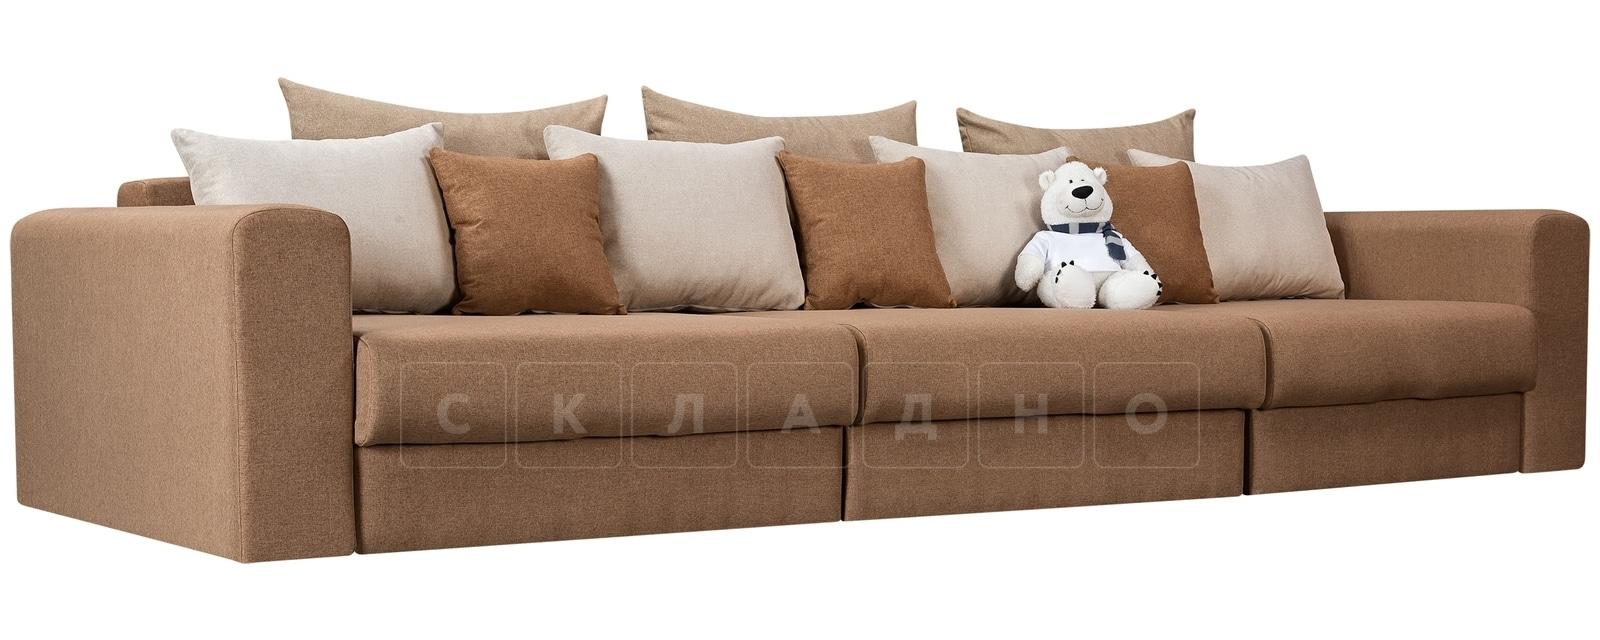 Диван Медисон коричневый 325 см фото 1 | интернет-магазин Складно